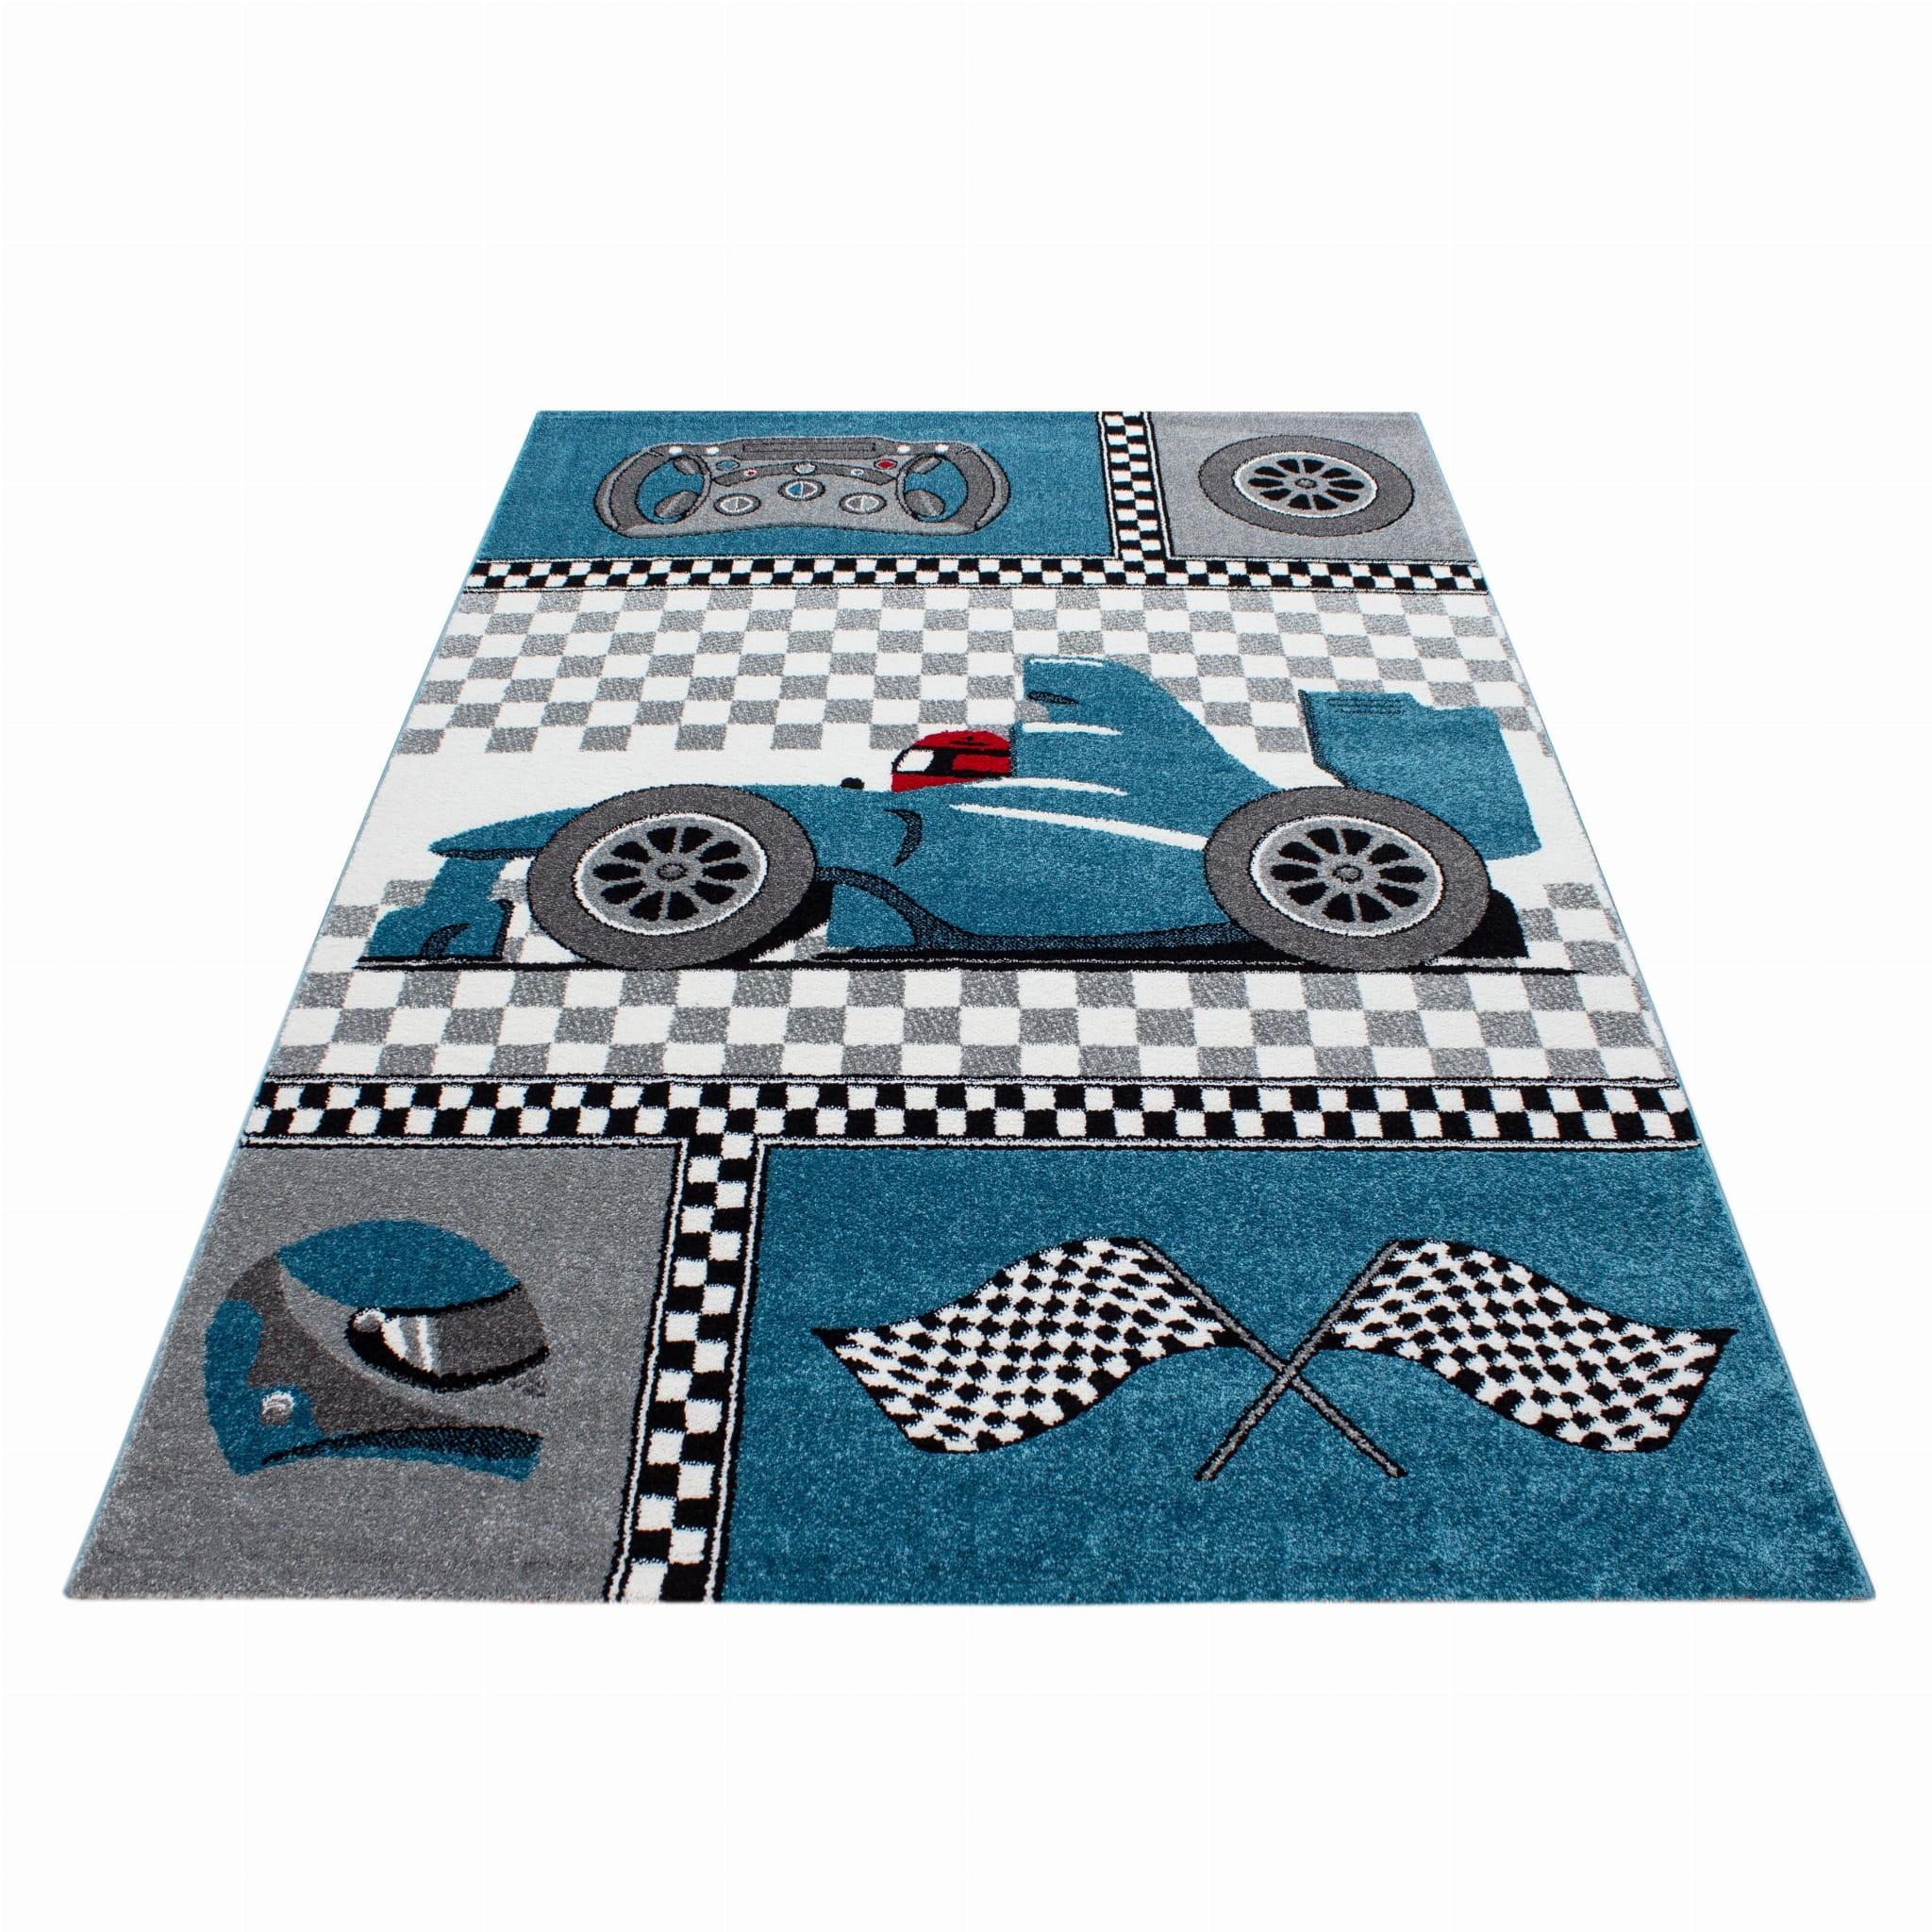 Modrý koberec pro chlapce do dětského pokoje formule